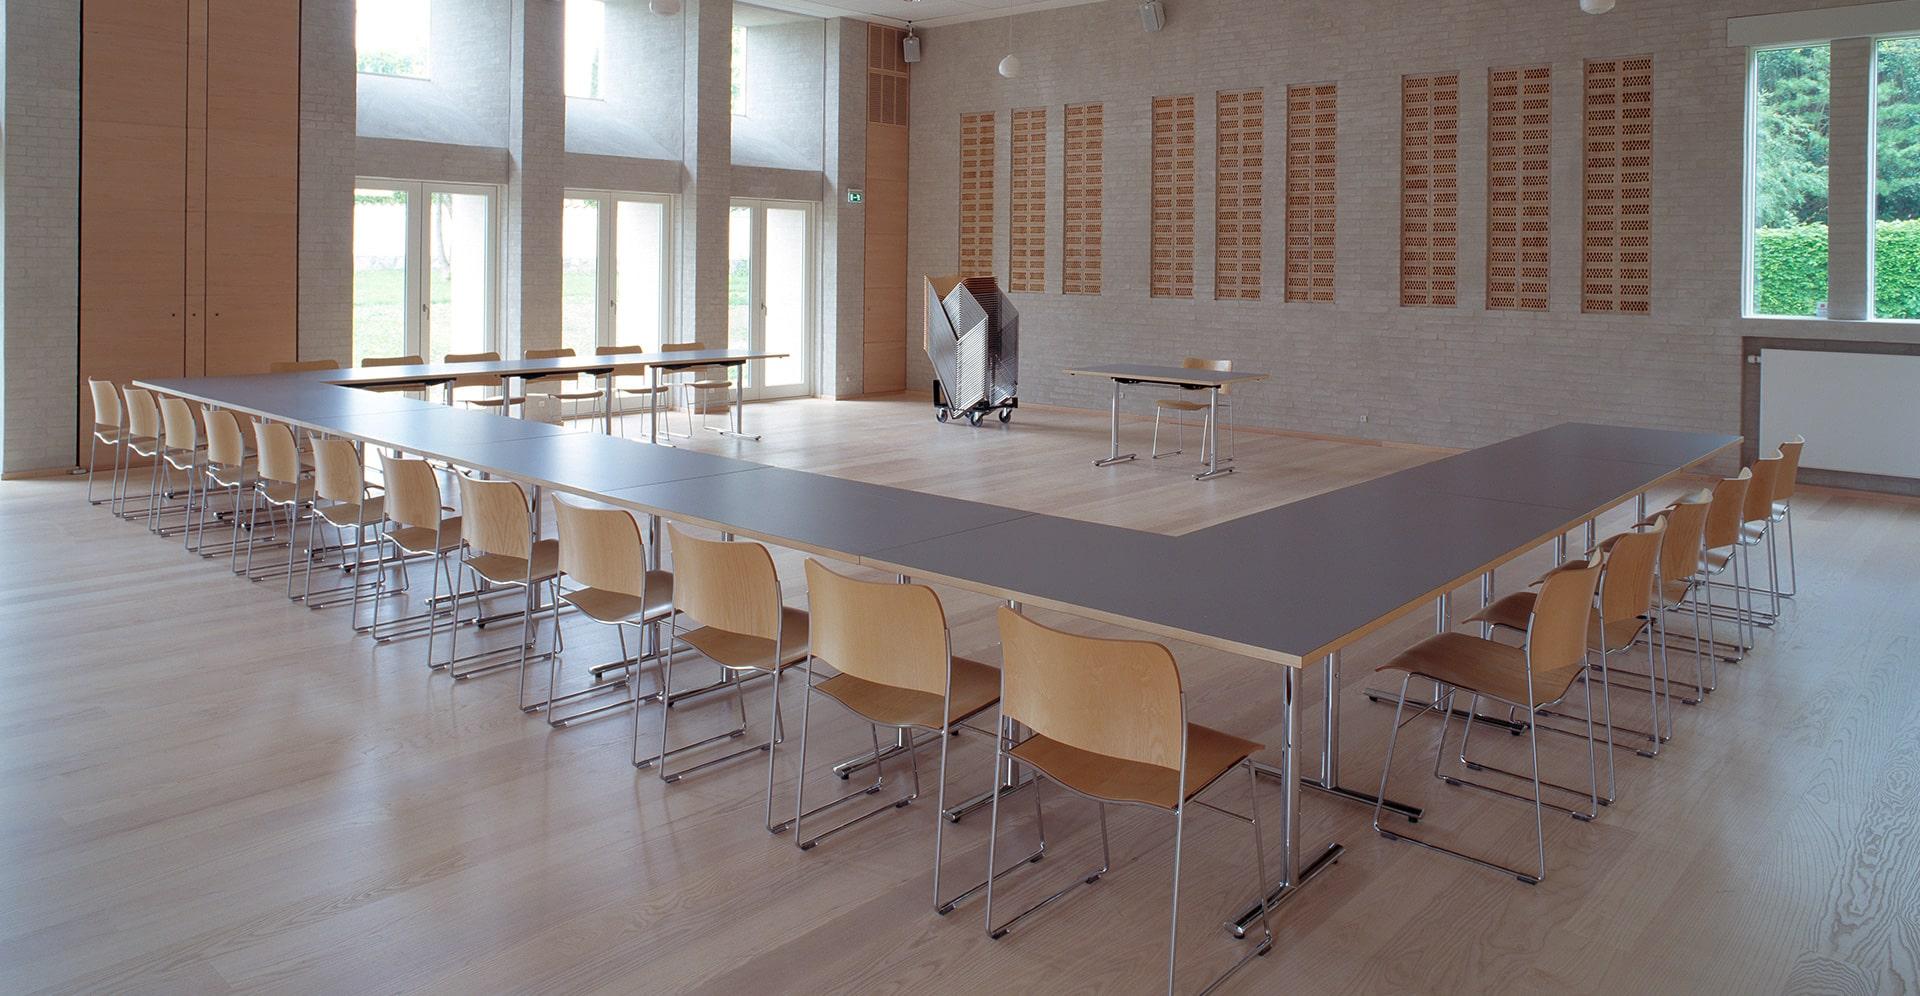 Howe Tempest verrijdbare en klapbare tafels